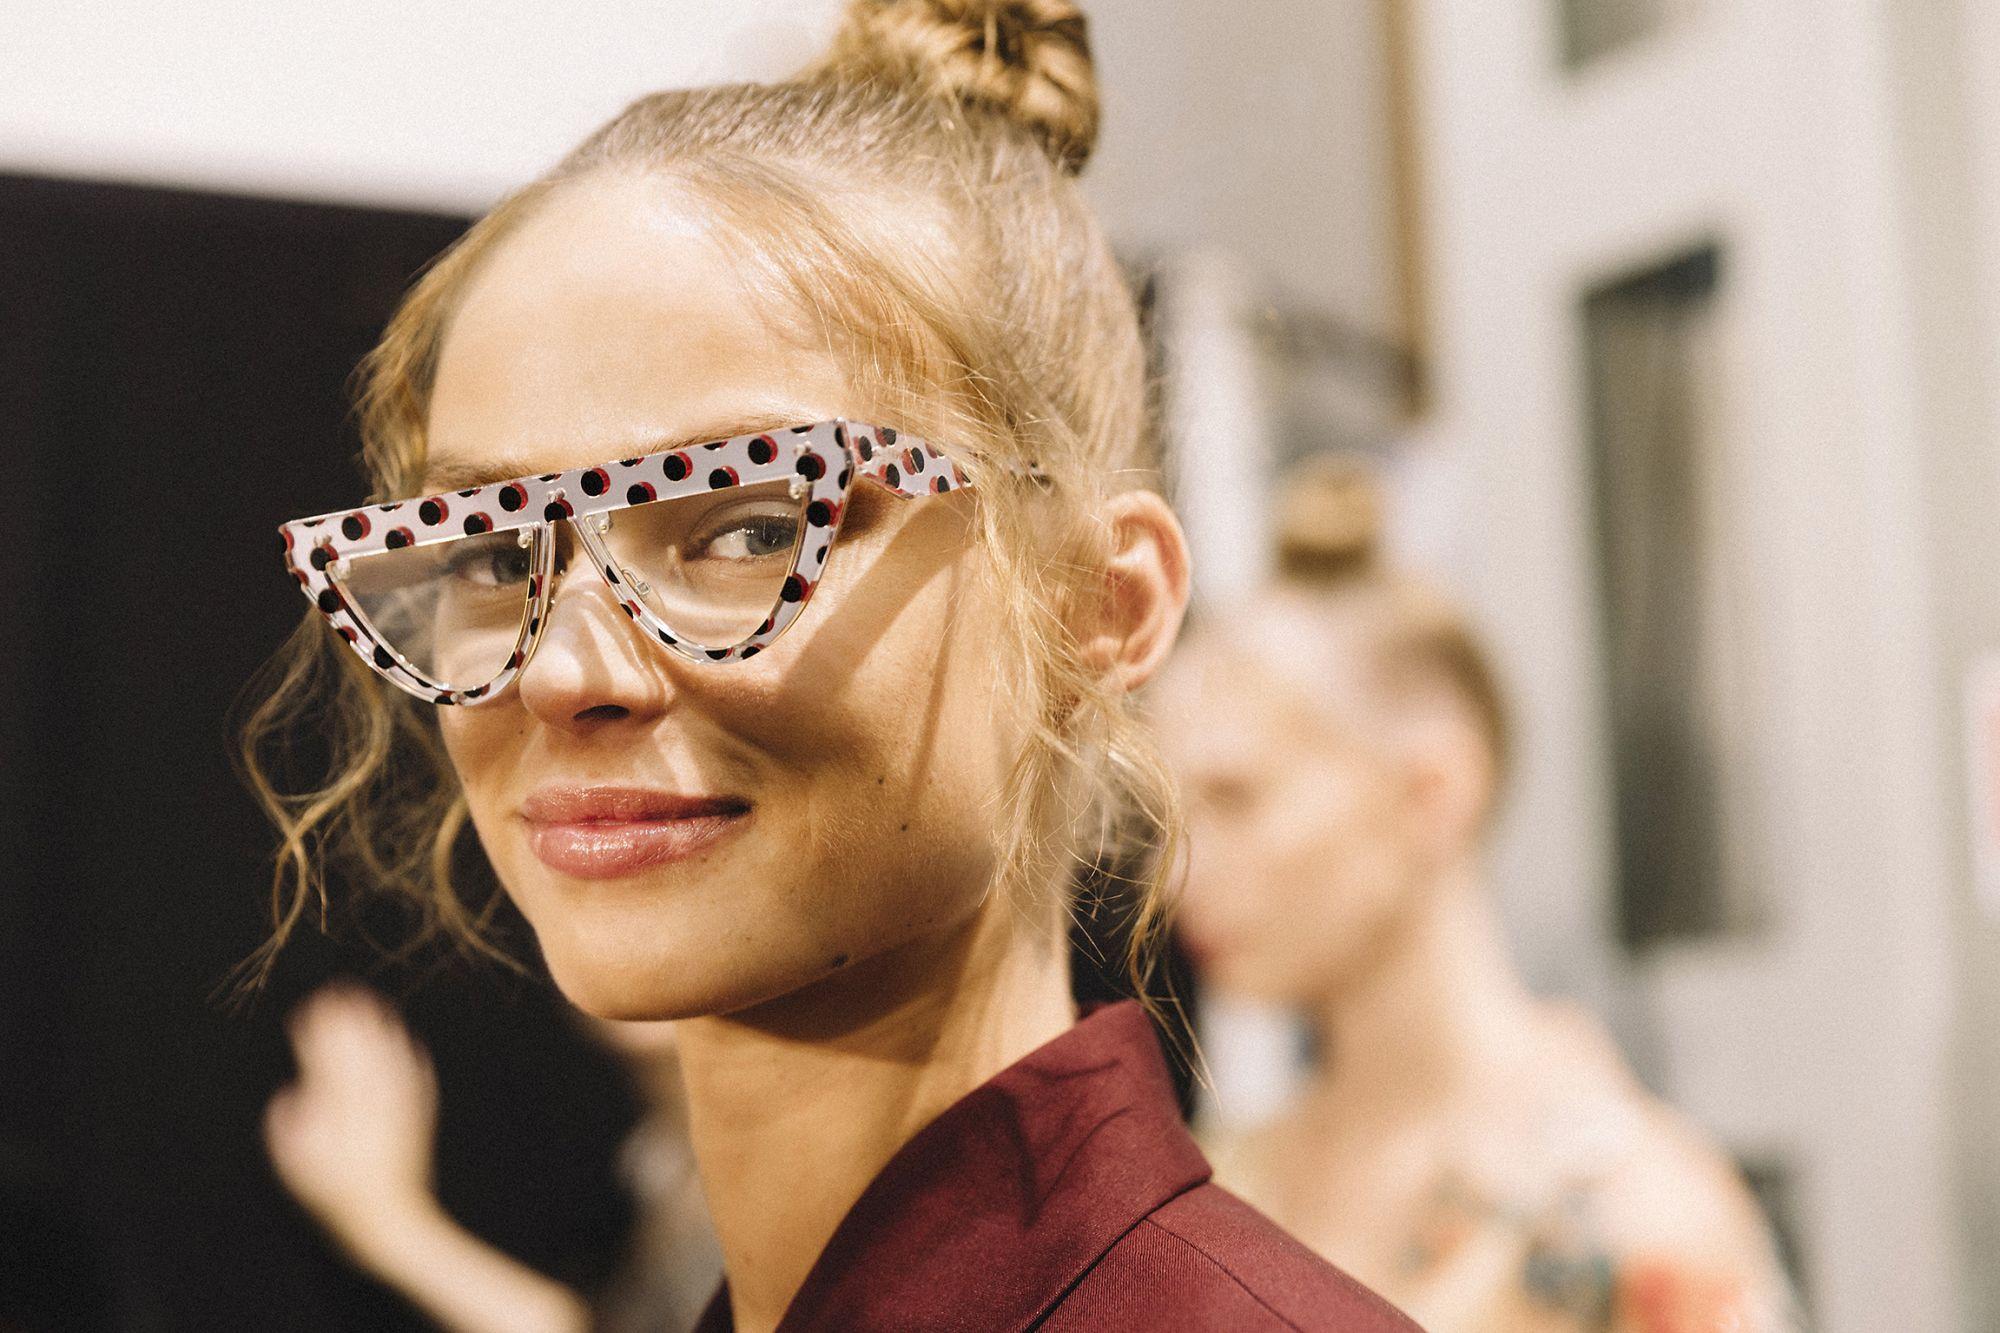 入夏必備時尚單品! FENDI 2019 春夏系列太陽眼鏡完美符合各式時尚型格